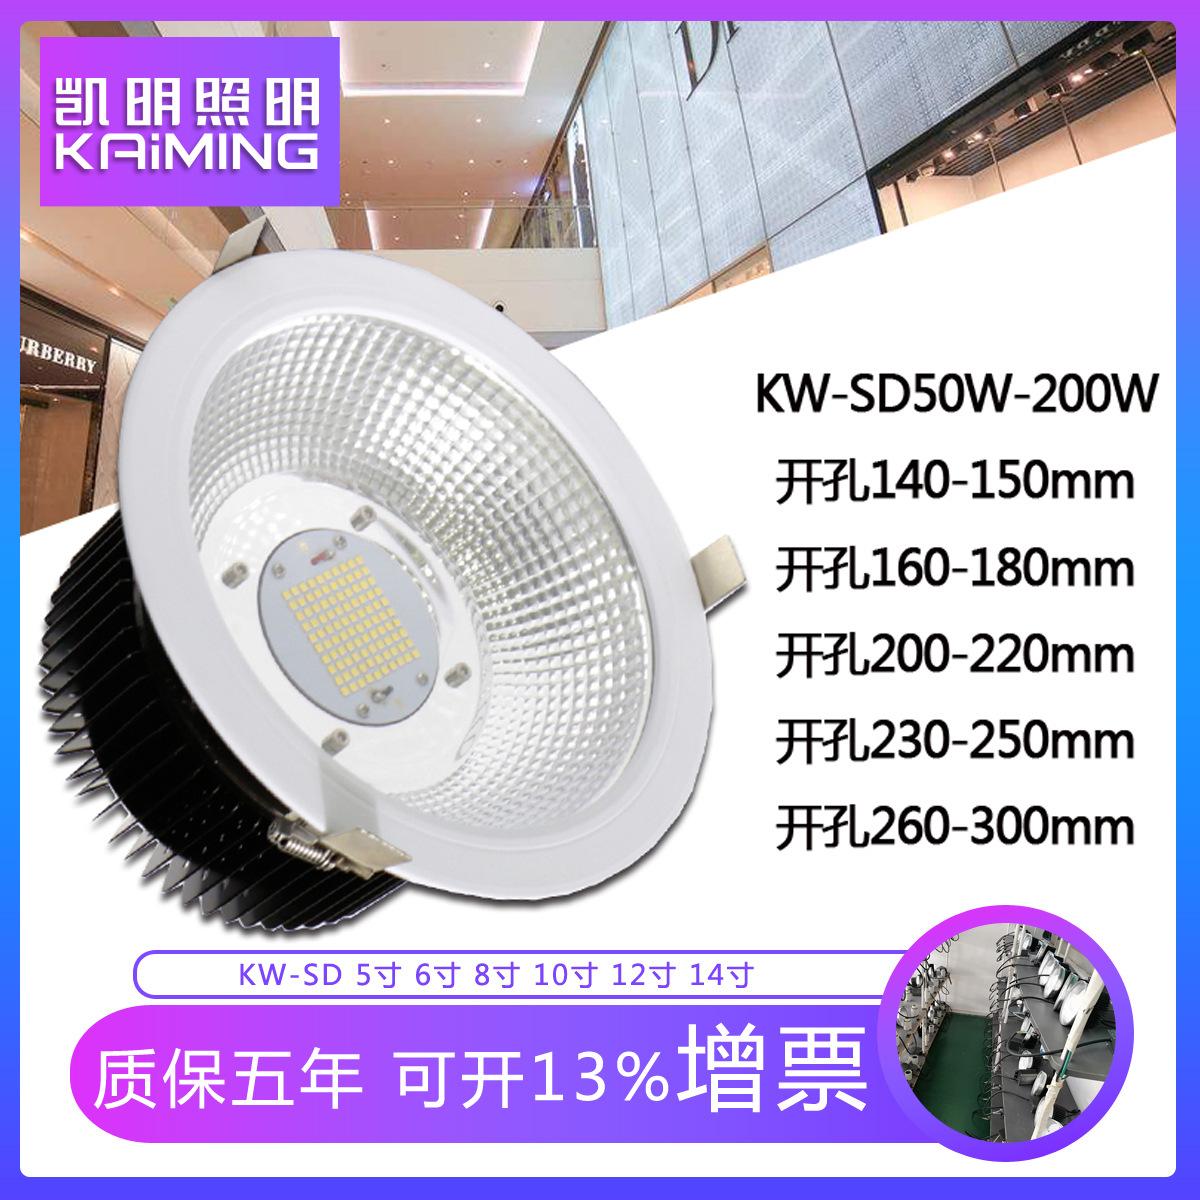 智控板调光调光调色温60w80w100w筒灯天花灯 led downlight